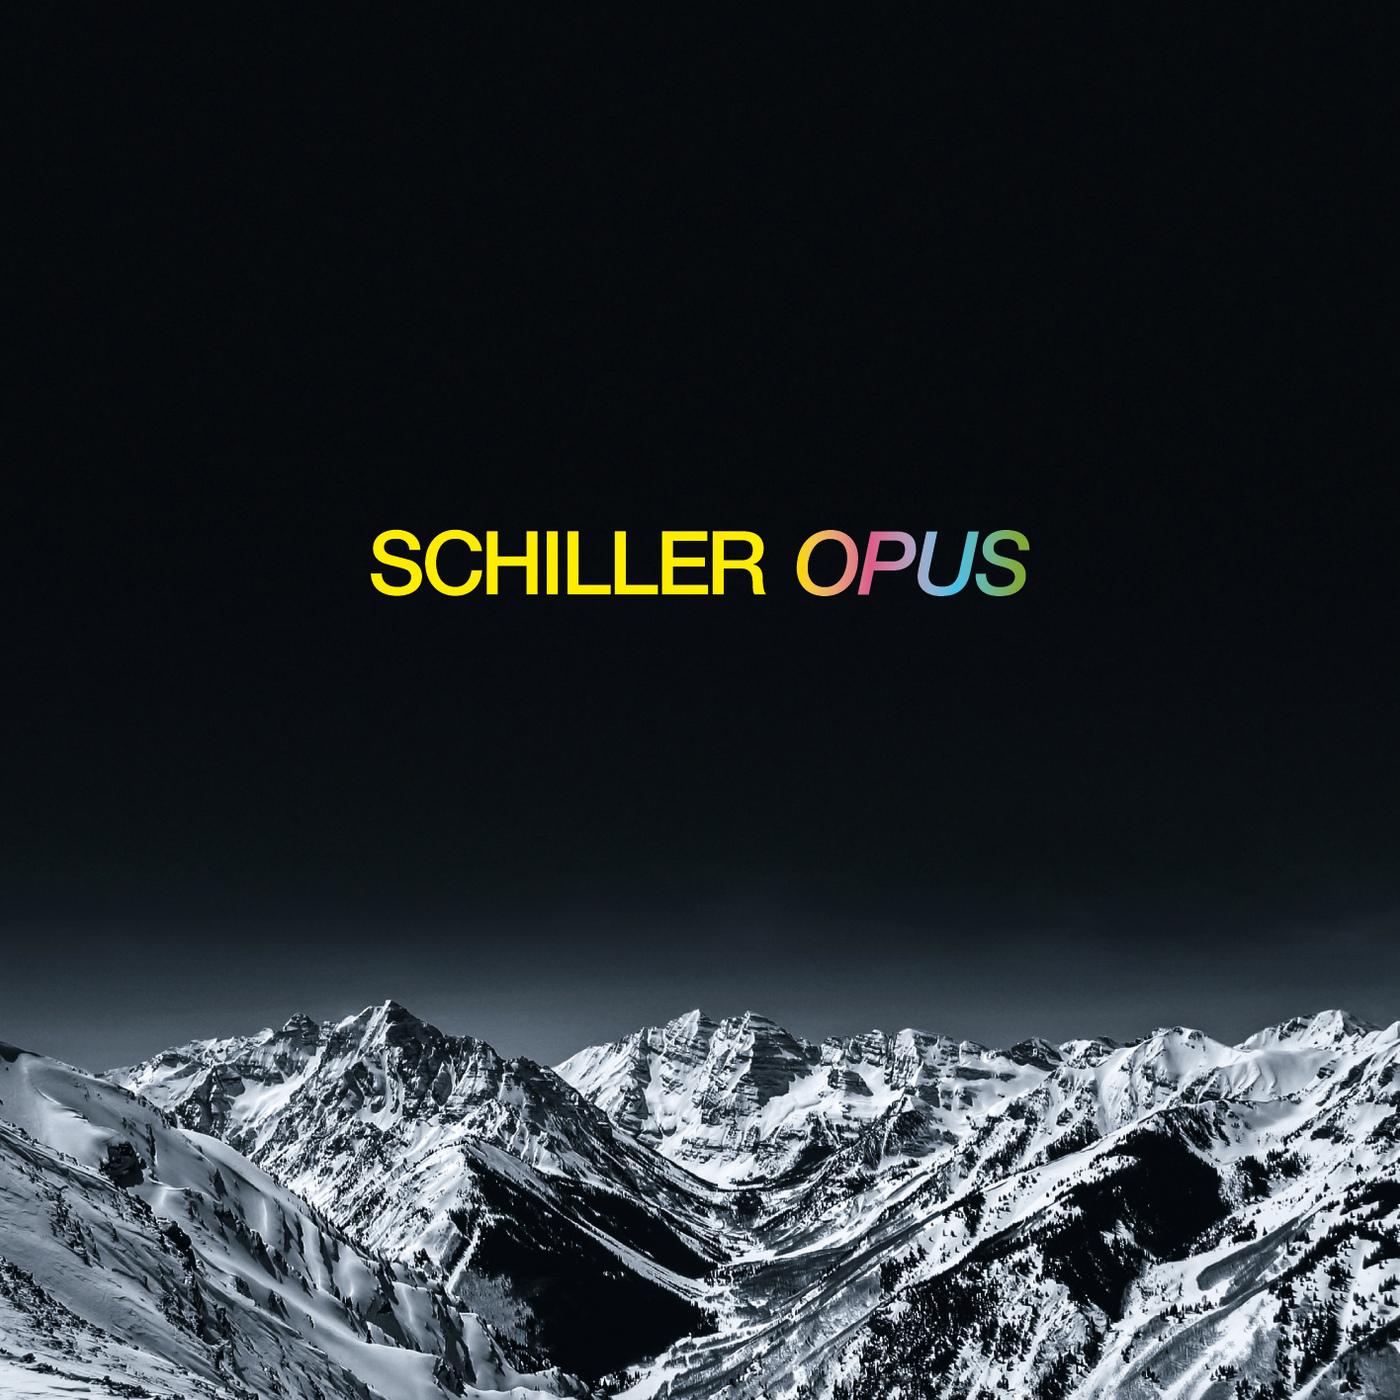 Schiller - Opus